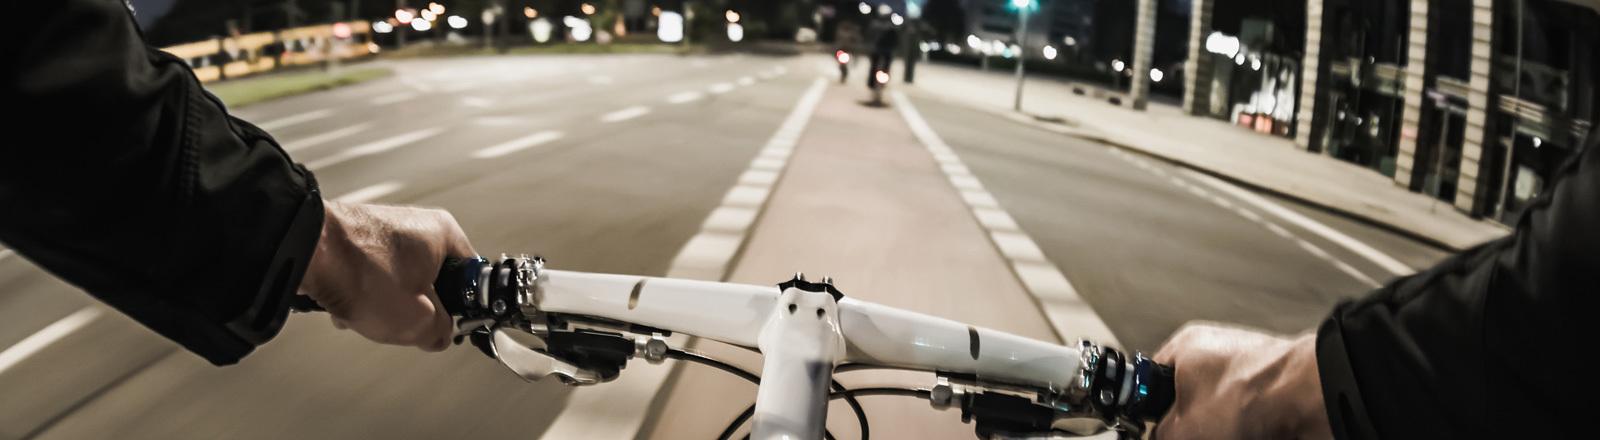 Ein Fahrradfahrer fährt durch die Stadt. Die Kamera hat seine Perspektive, der Blick fällt auf den Fahrradweg.